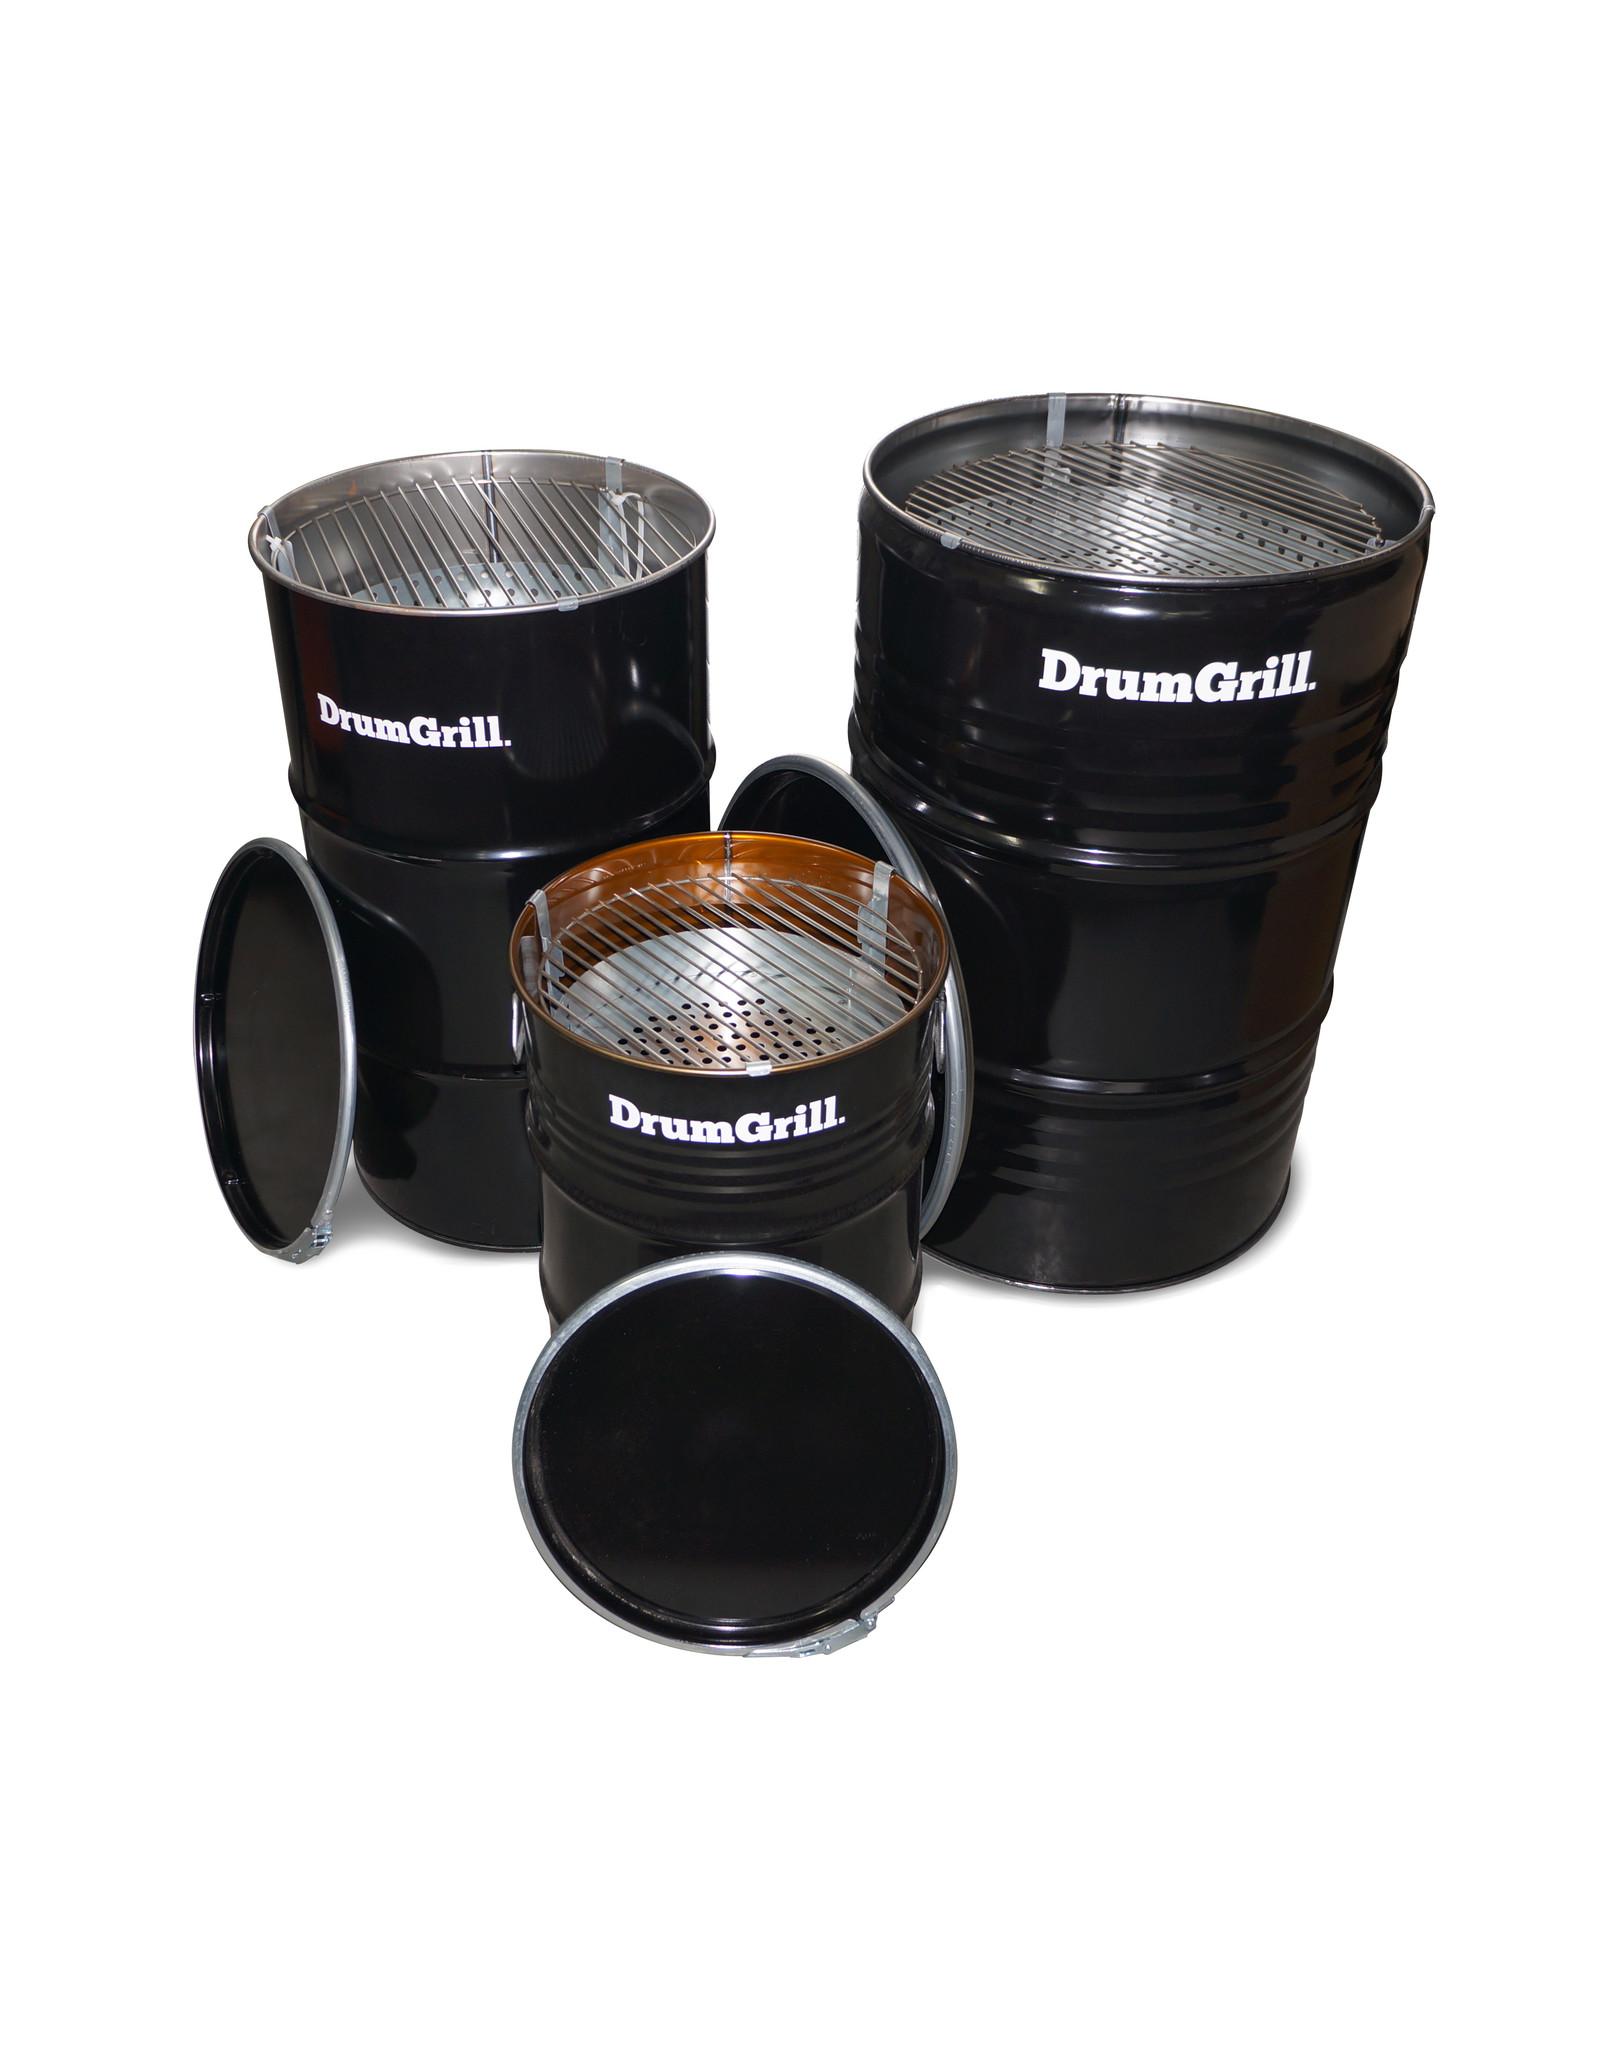 DrumGrill Drumgrill Small 60 Liter Holzkohlegrill, Feuerstelle, und Tischplatte